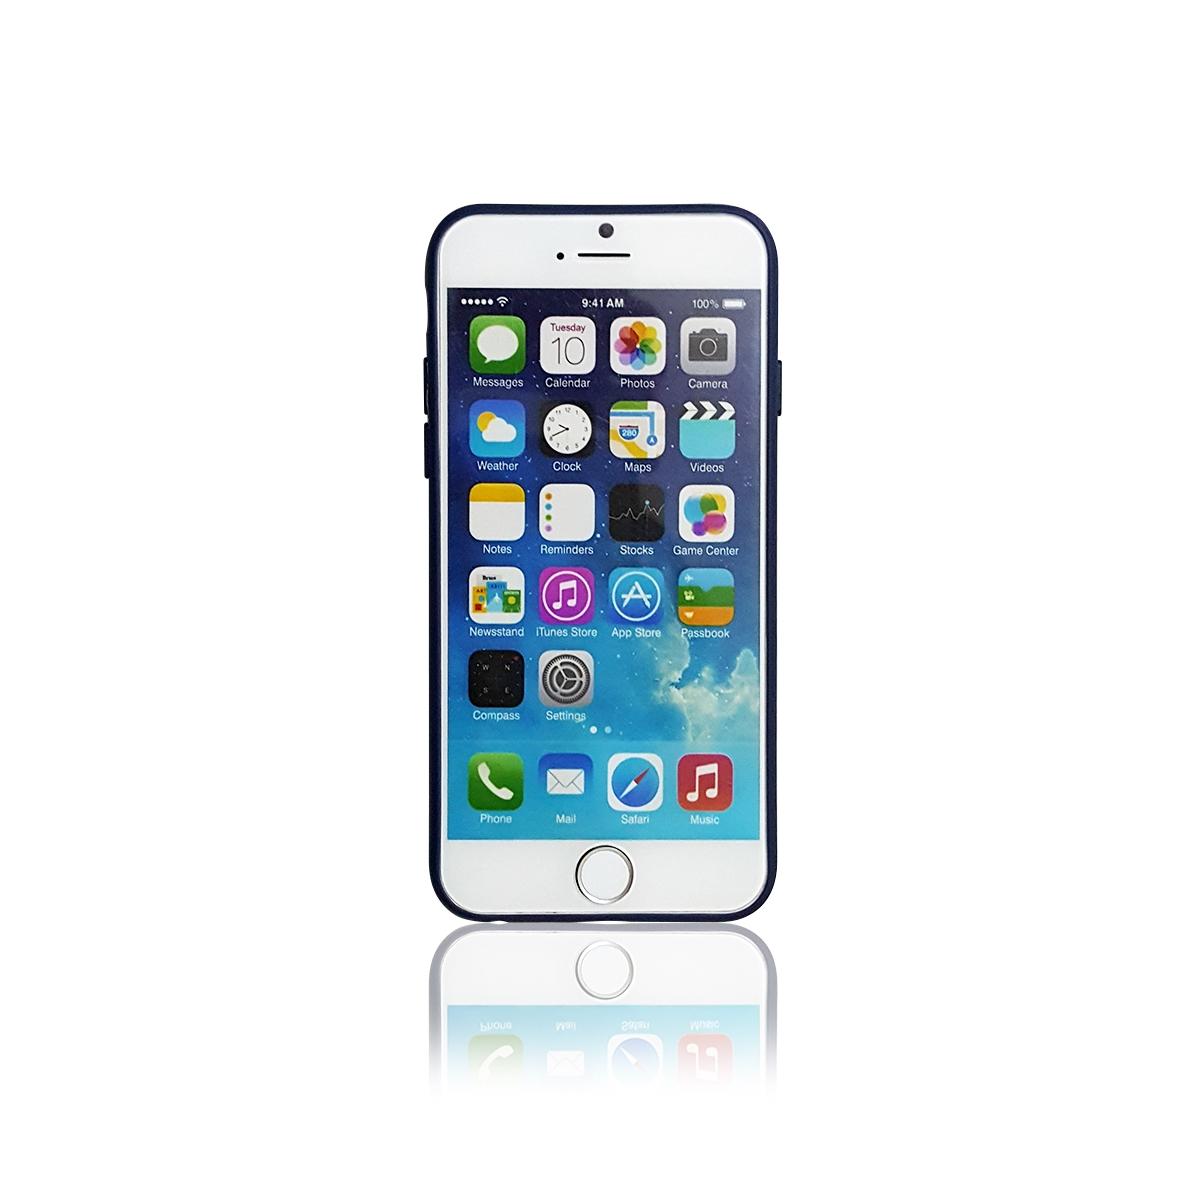 Ốp lưng iPhone 6/6S, Tuxedo Frosted, nhựa cao cấp, đàn hồi, chống va đập